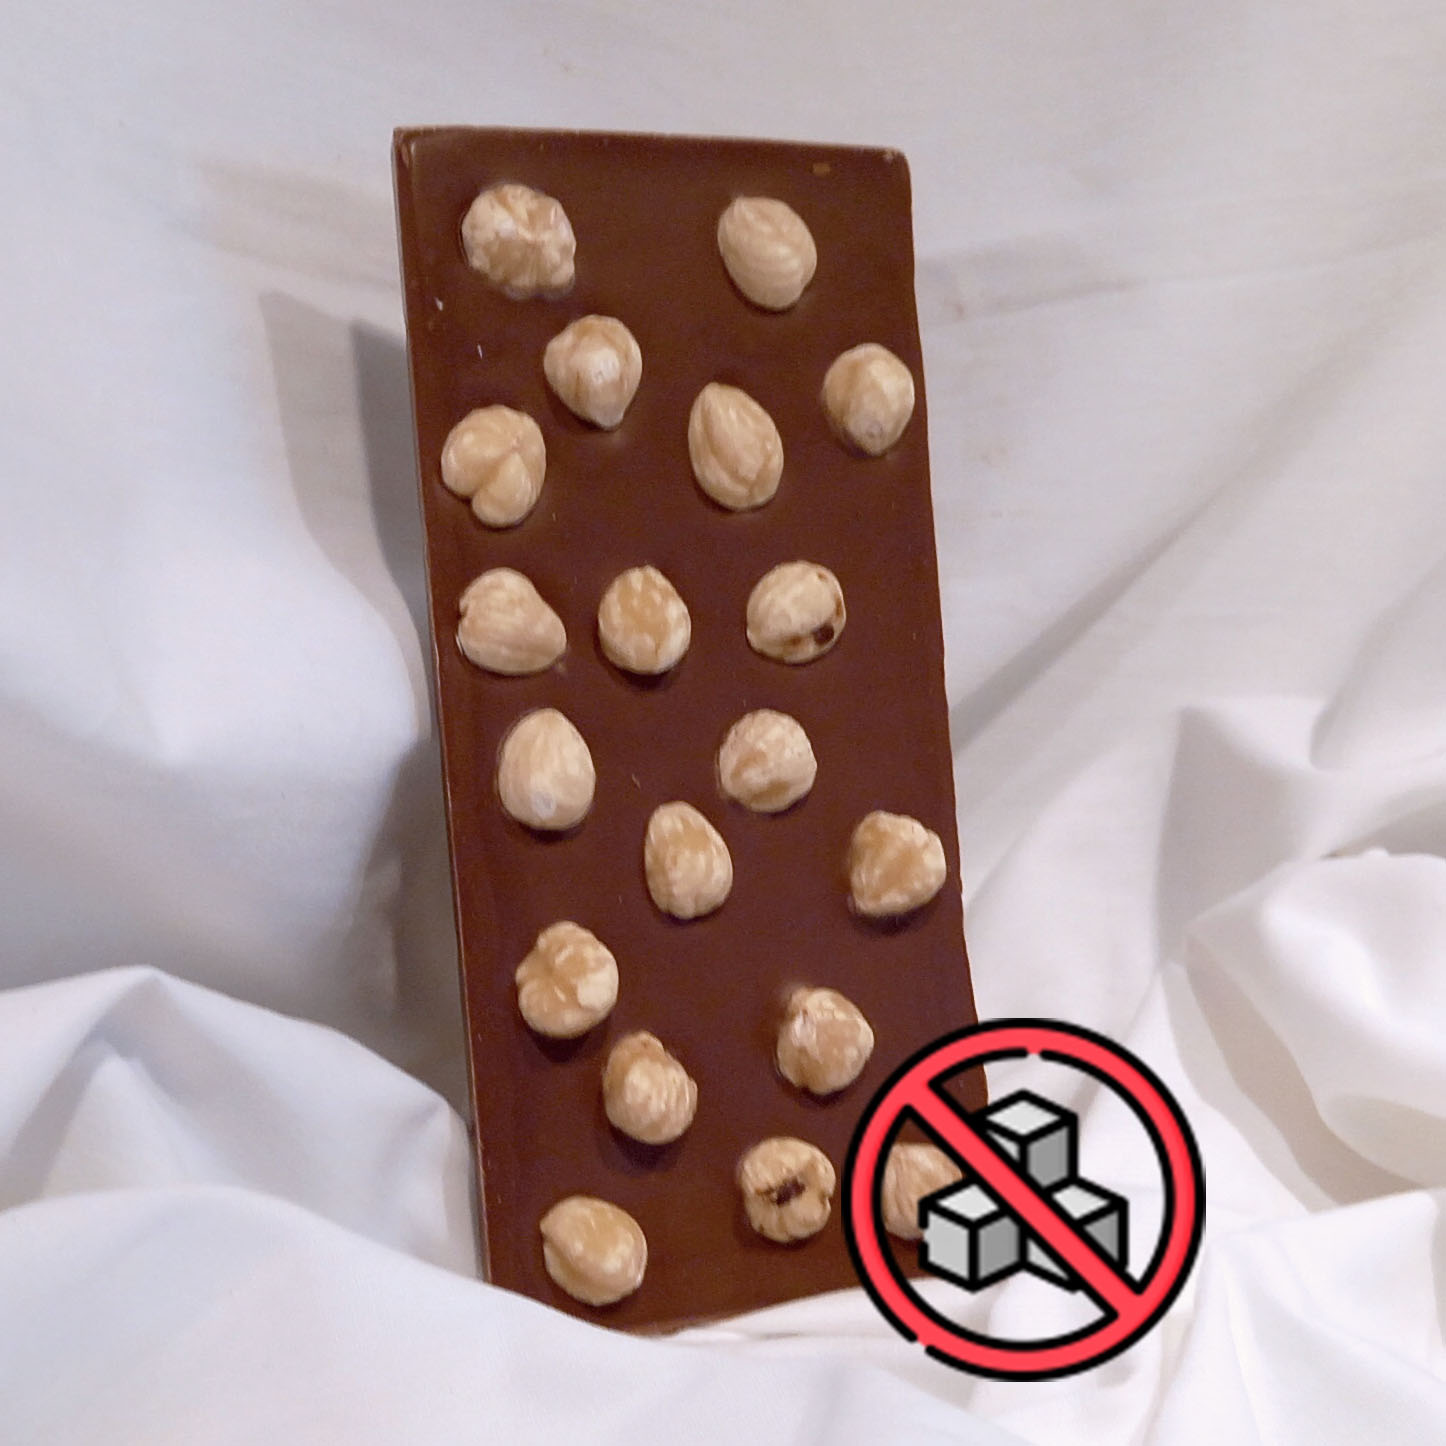 L'Équilibre Noisettes 35% – chocolat au lait